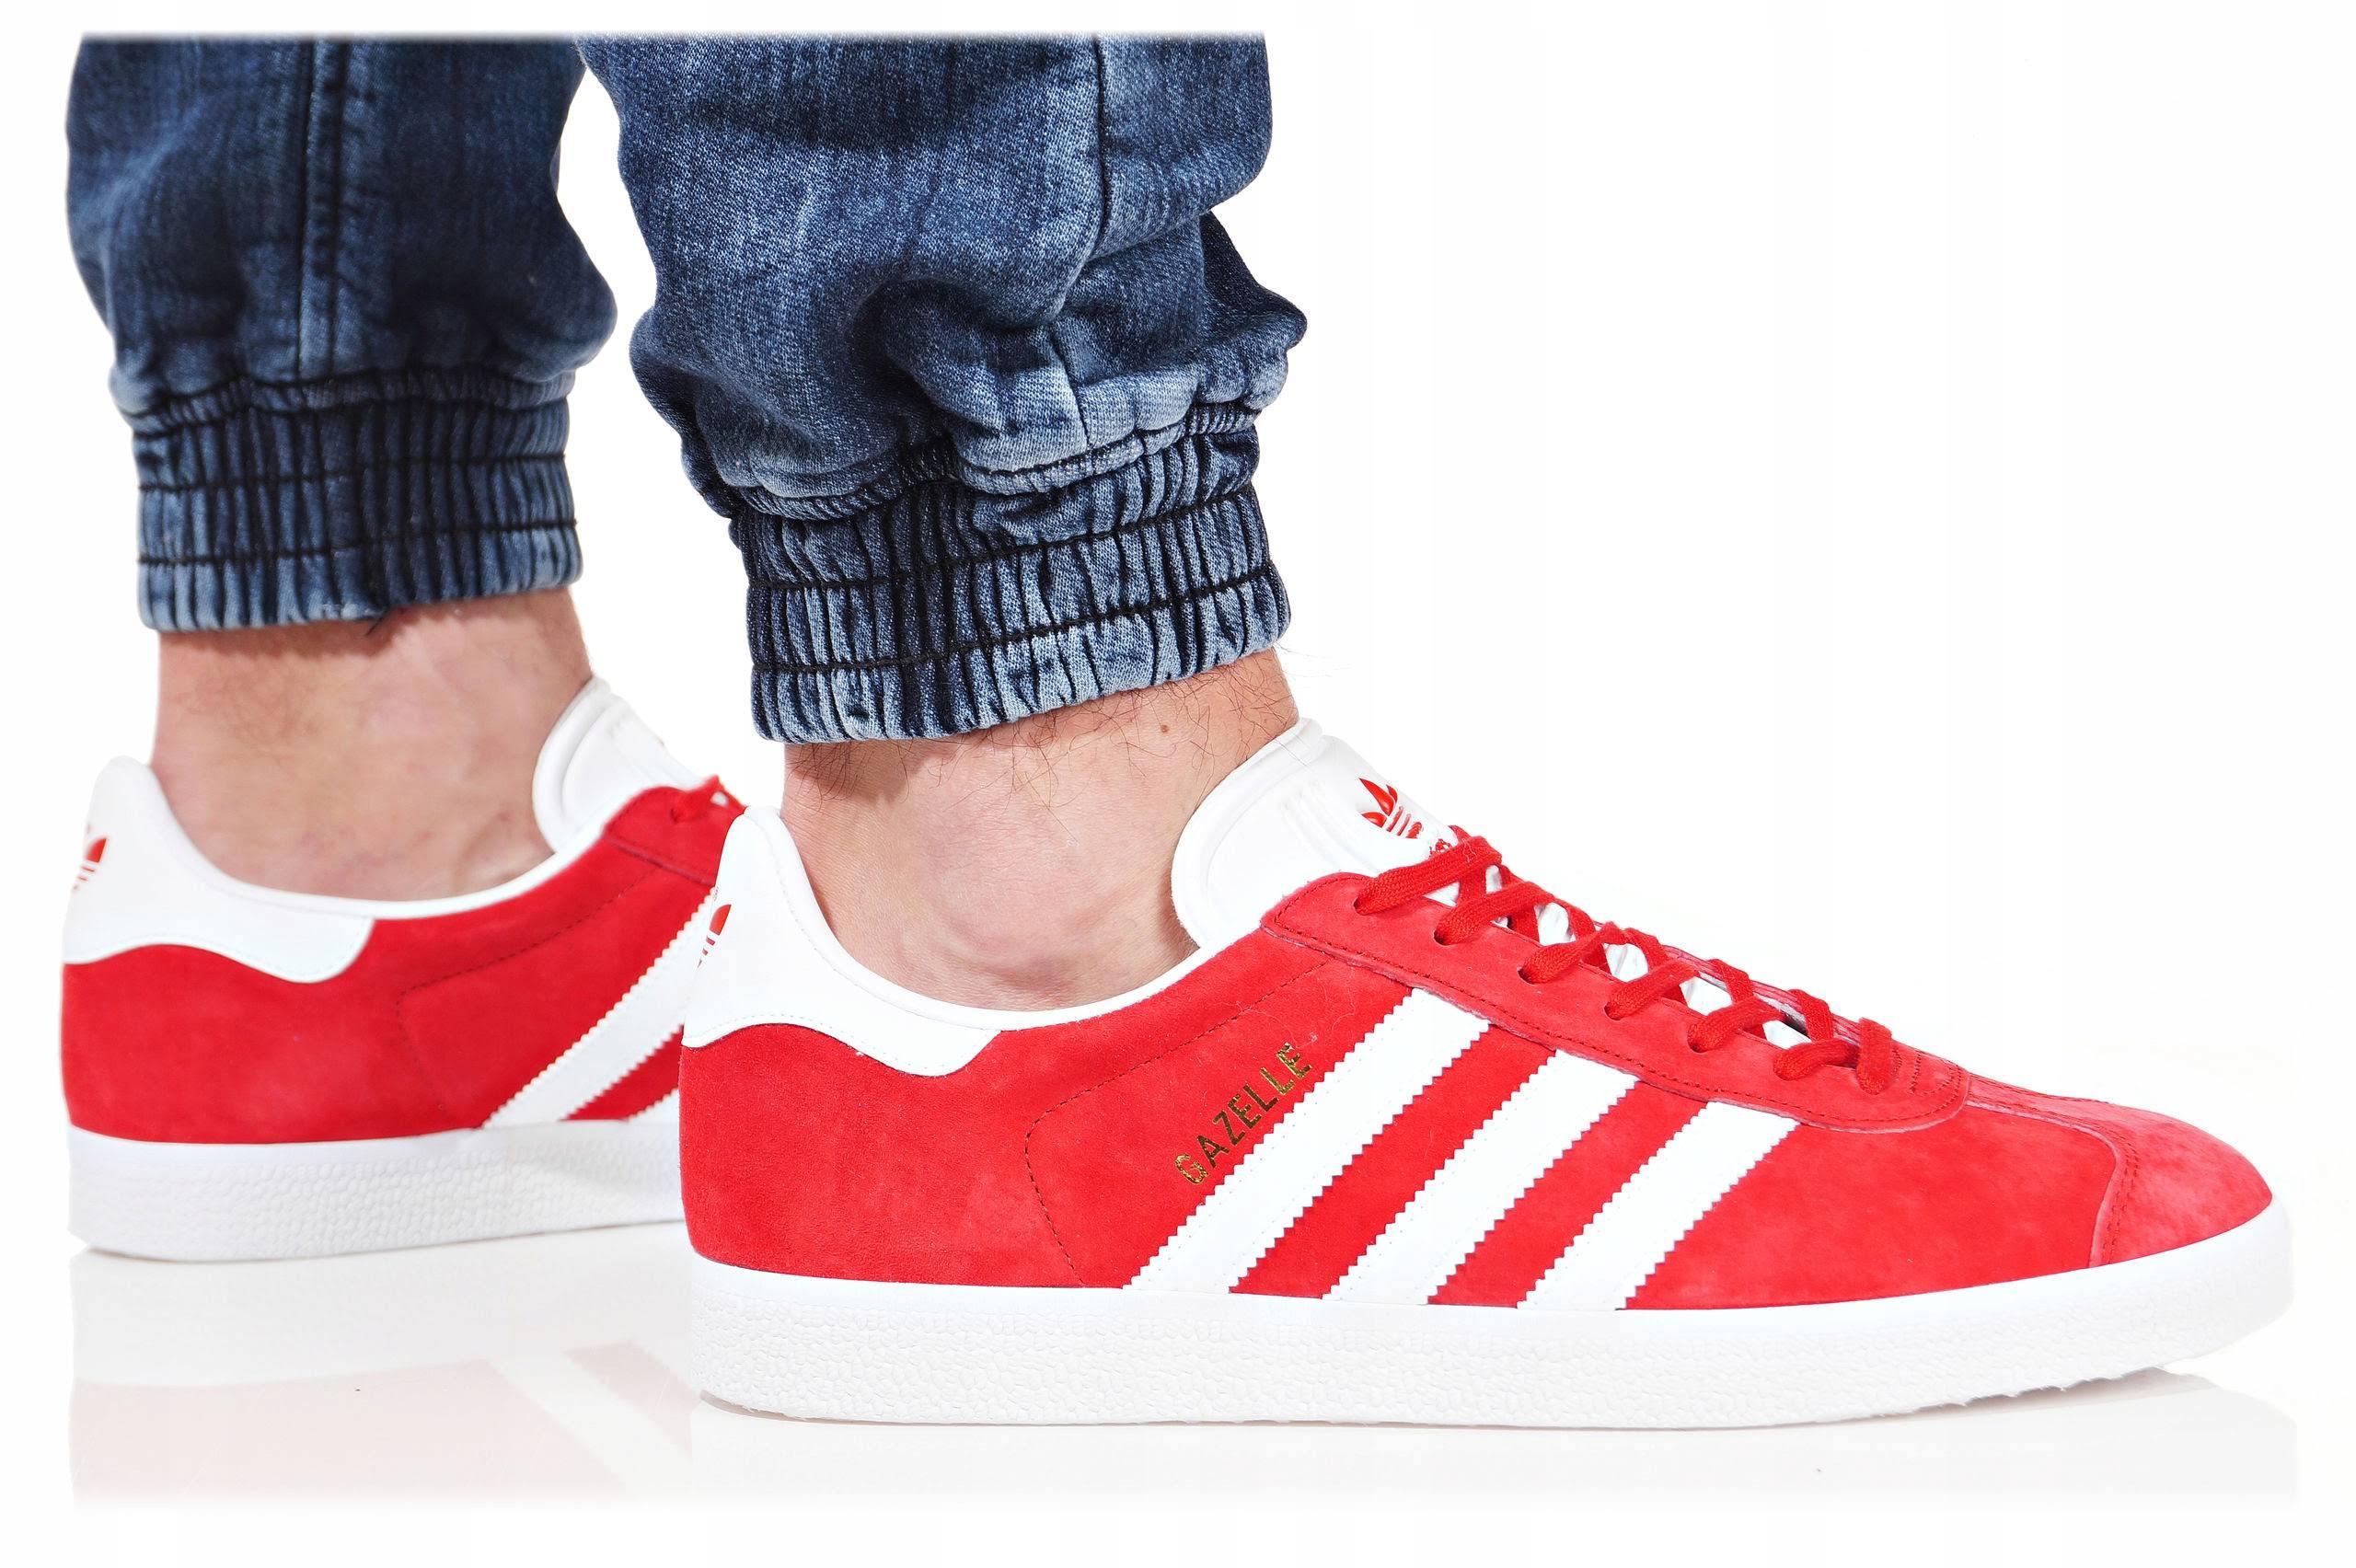 Originals Czerwony Czerwone 43 3 Buty Adidas Gazelle S76228 Męskie 1 gF6pFw